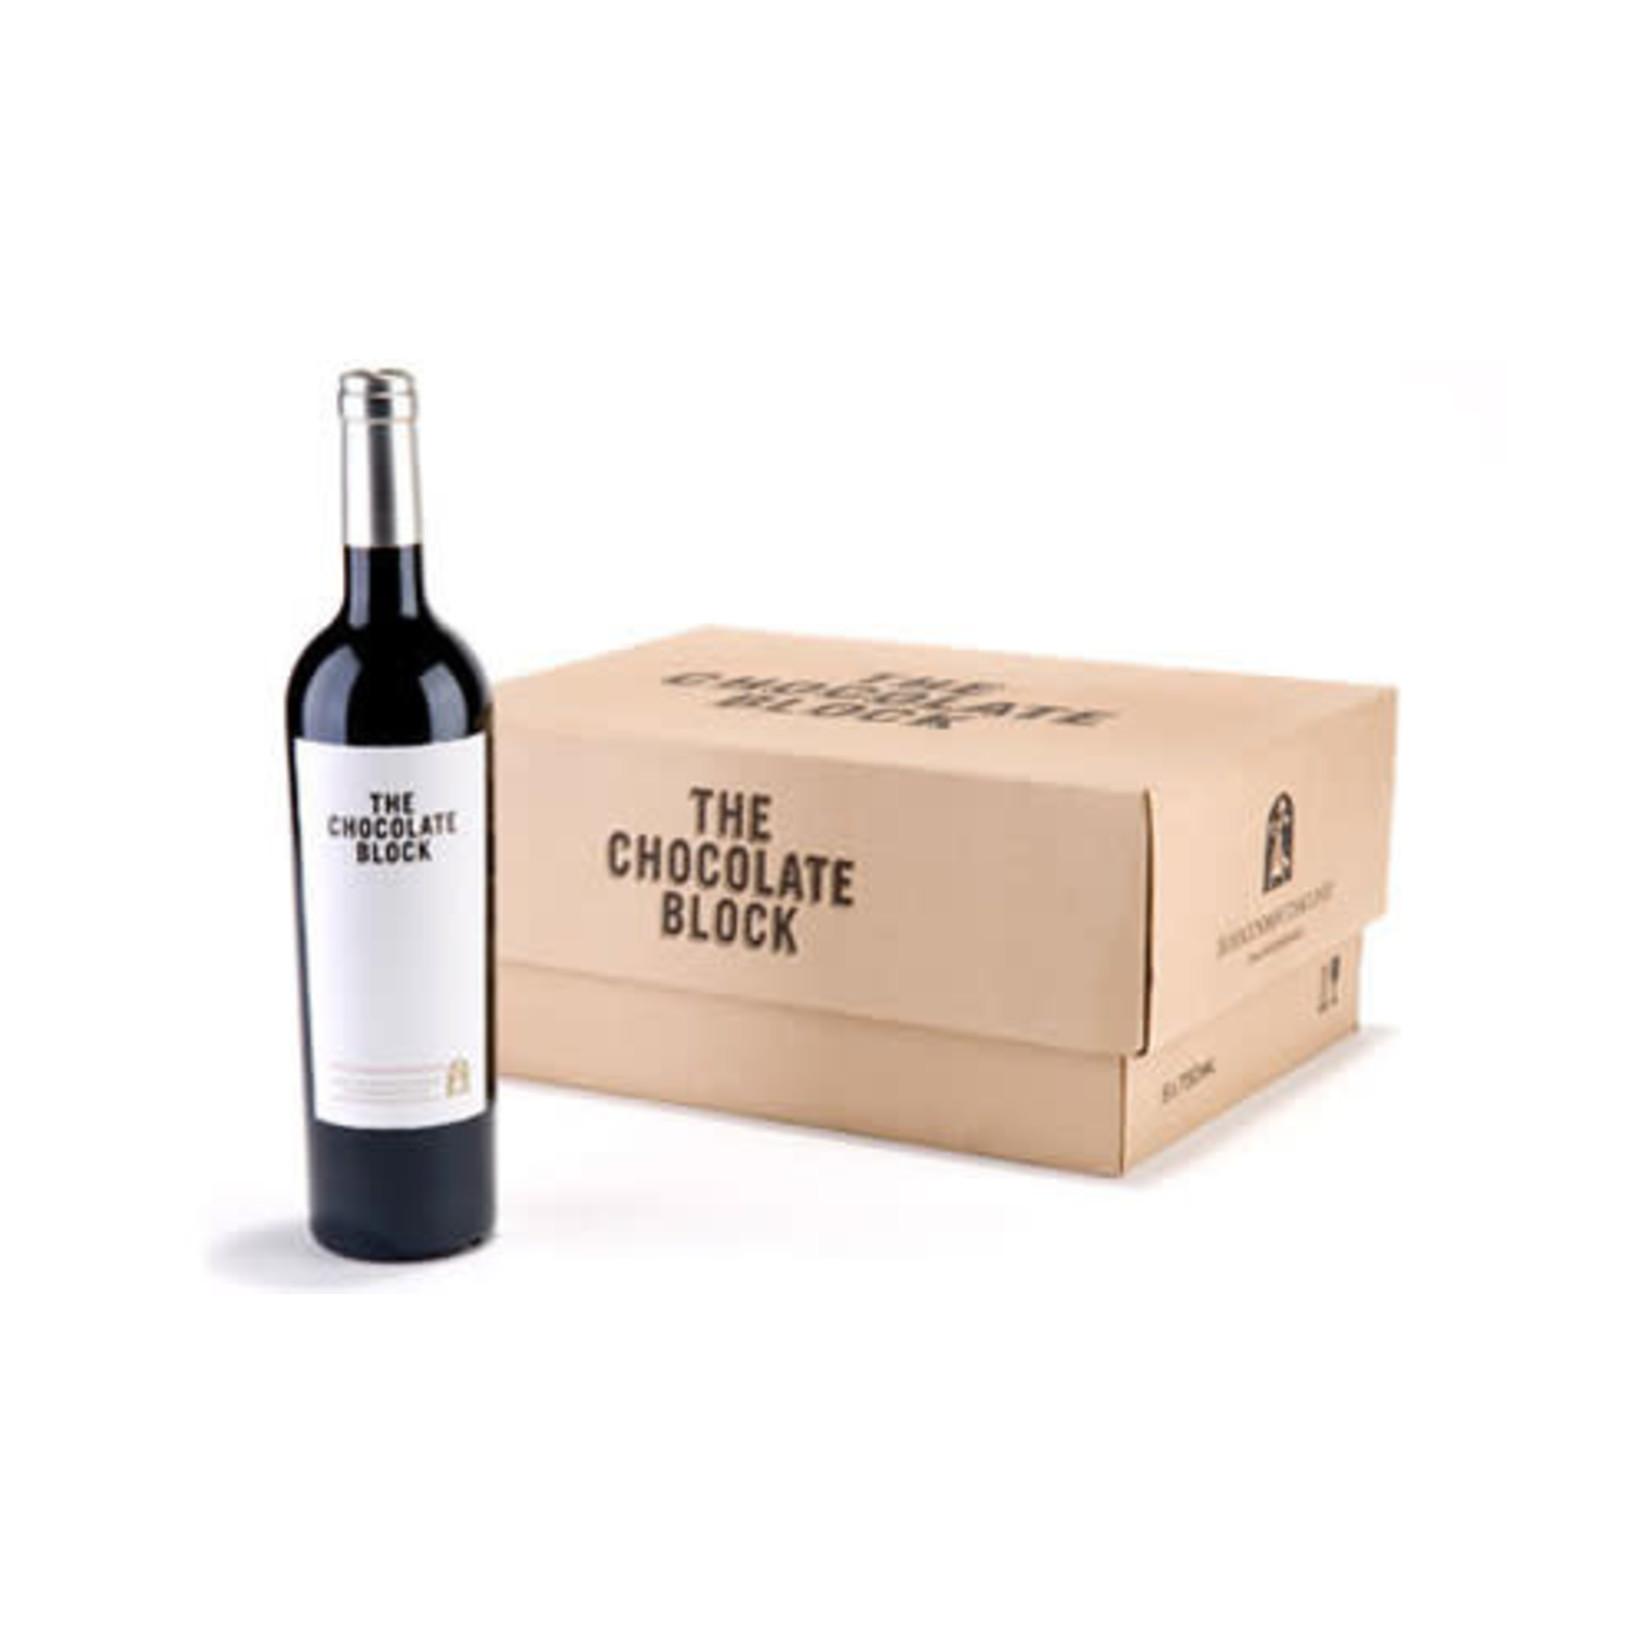 Wine The Chocolate Block 2019